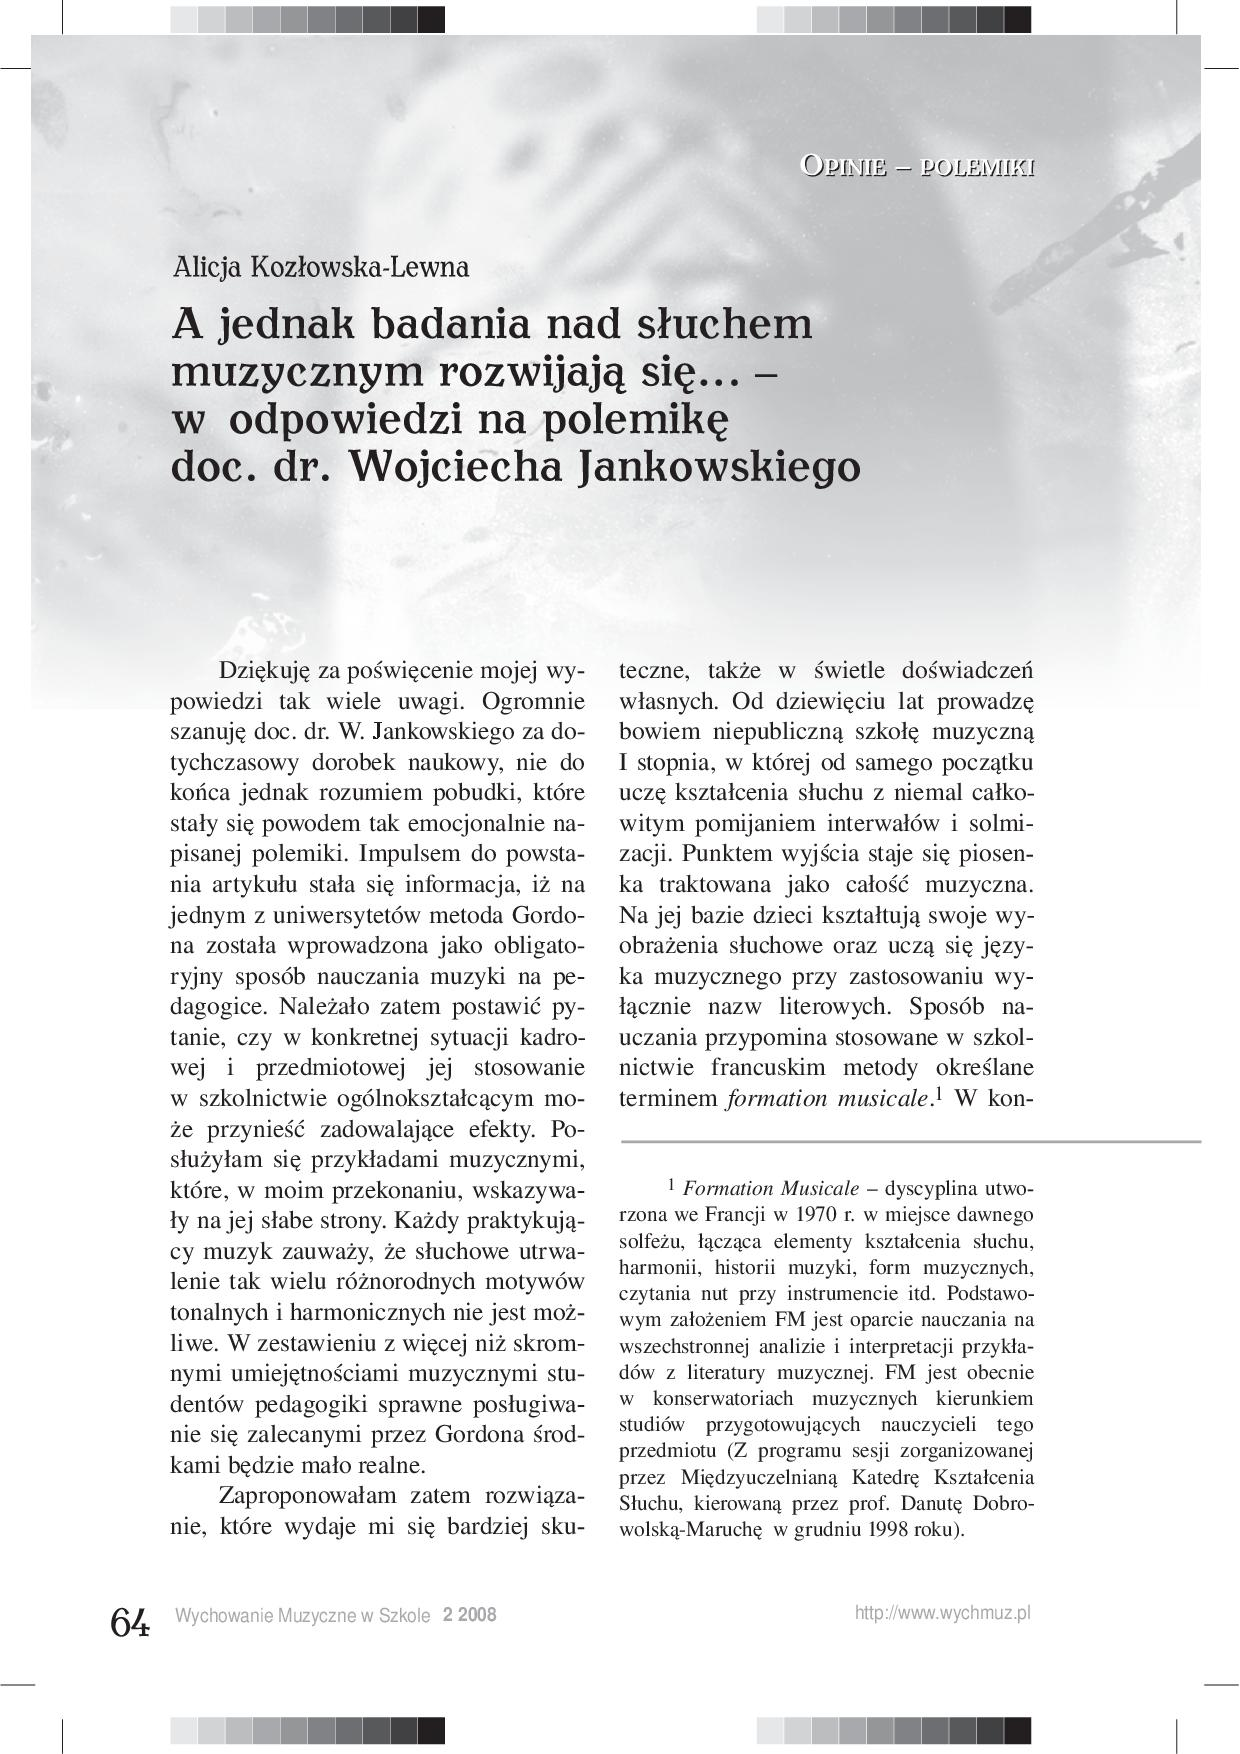 A jednak badania nad słuchem muzycznym rozwijają się… – w odpowiedzi na polemikę doc. dr. Wojciecha Jankowskiego